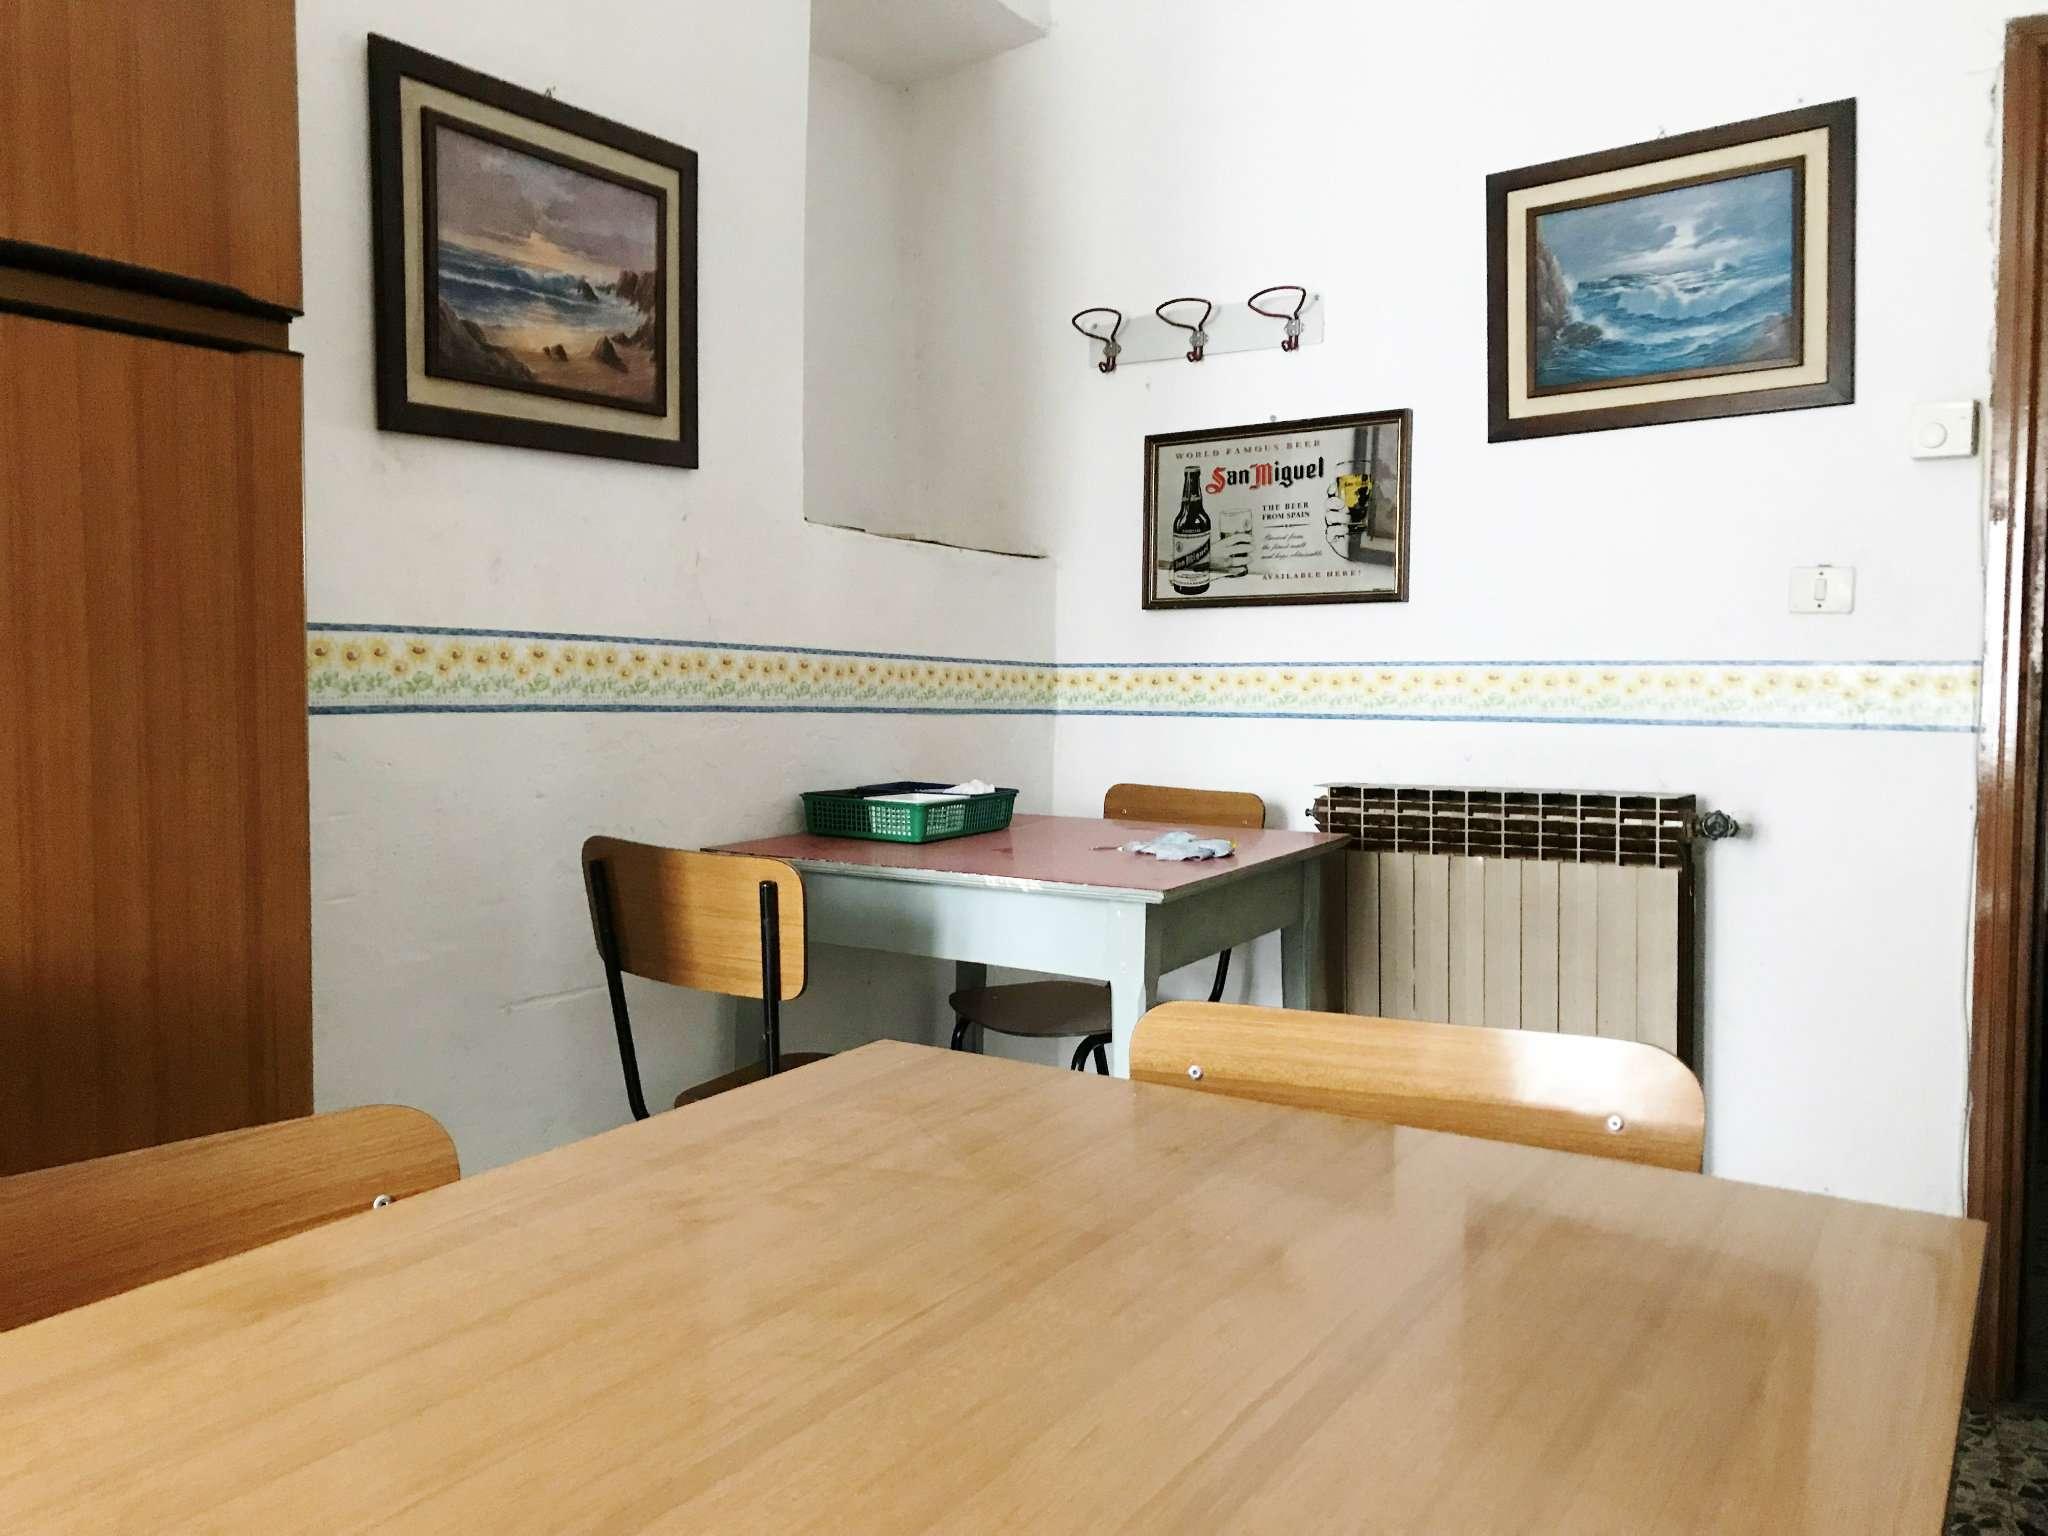 Palazzo / Stabile in vendita a Cerveno, 4 locali, prezzo € 45.000 | CambioCasa.it